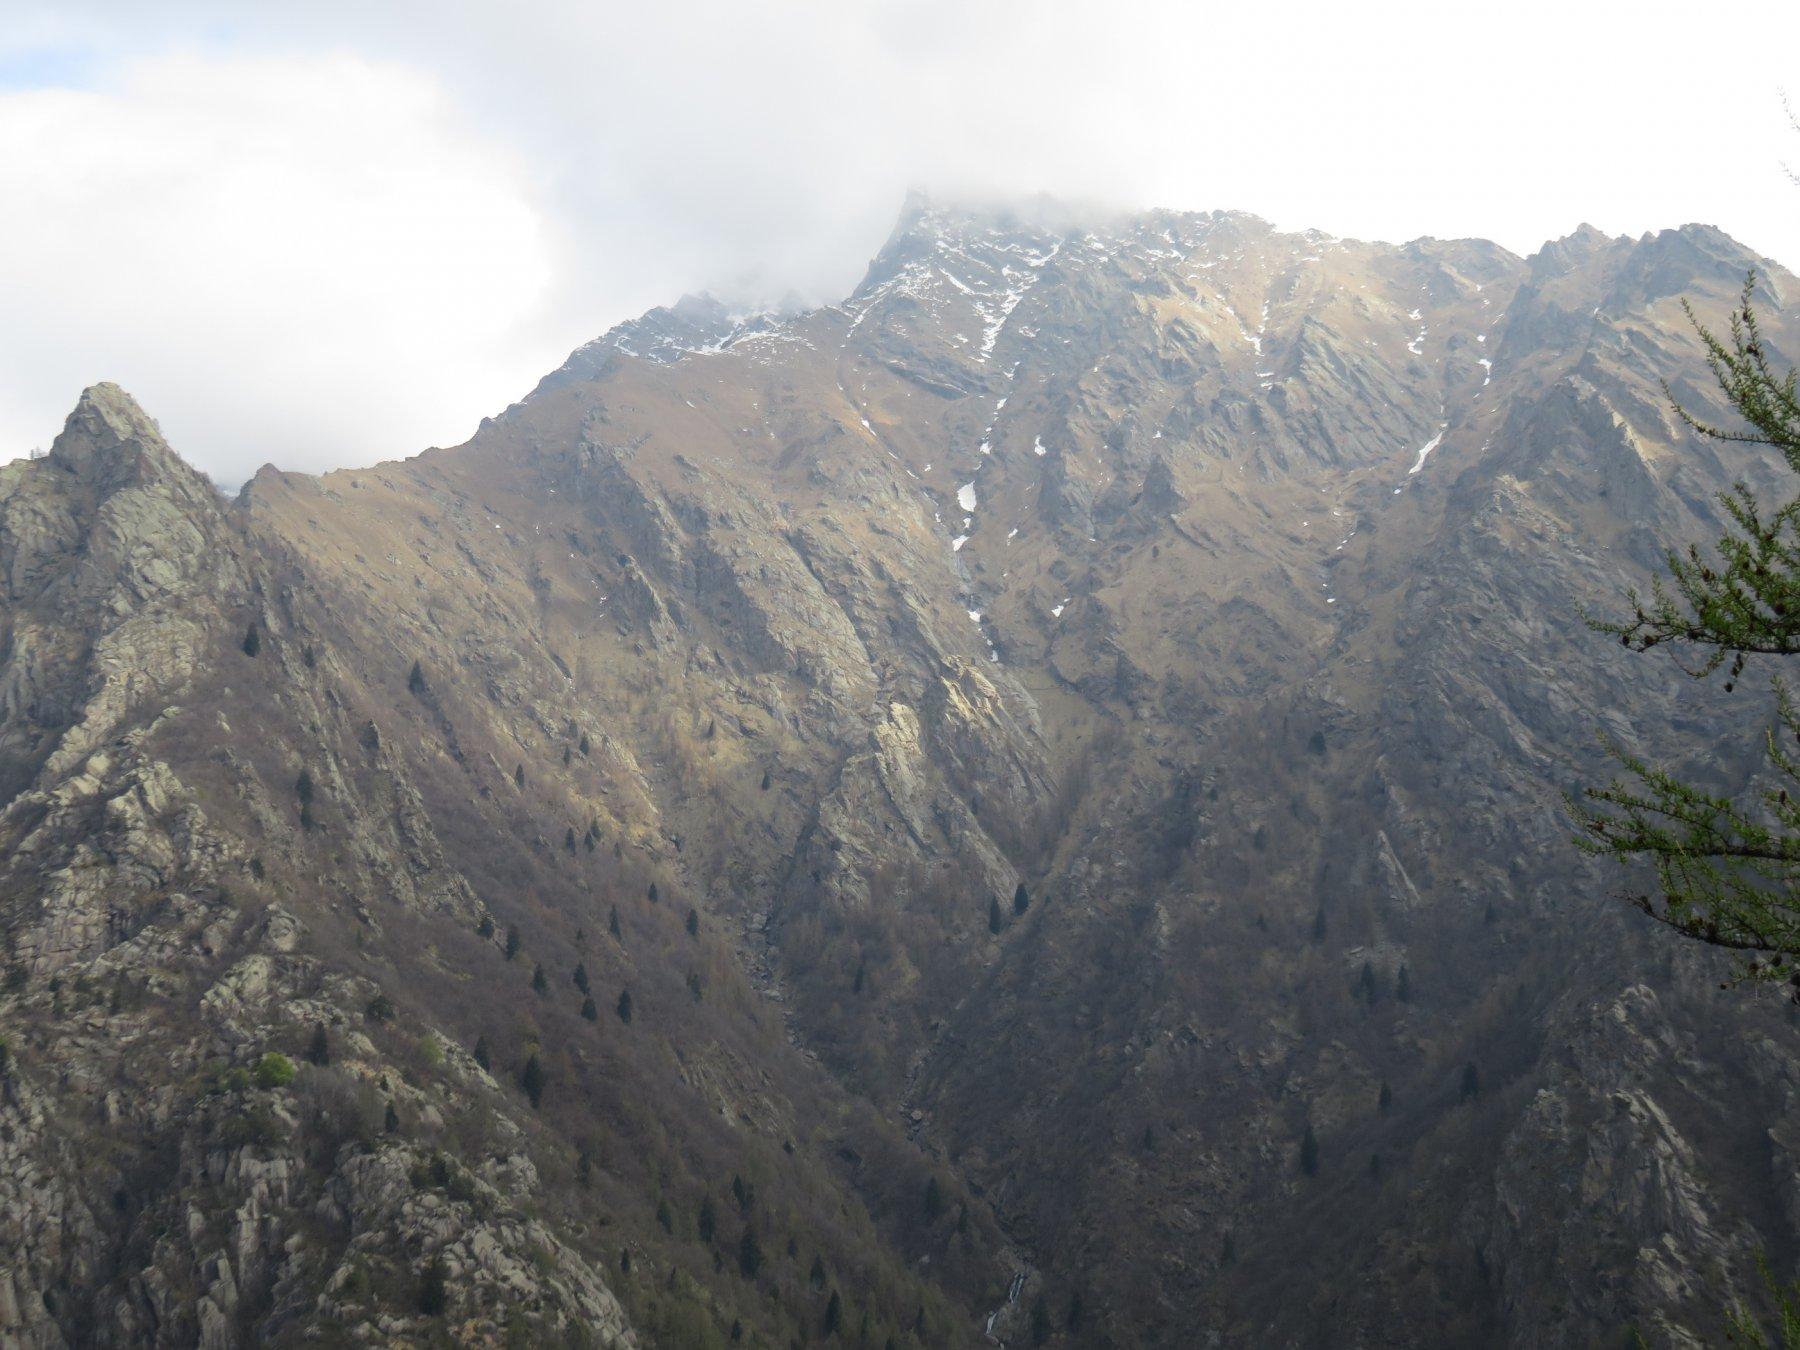 La comba della Cial vista dal Monte di German